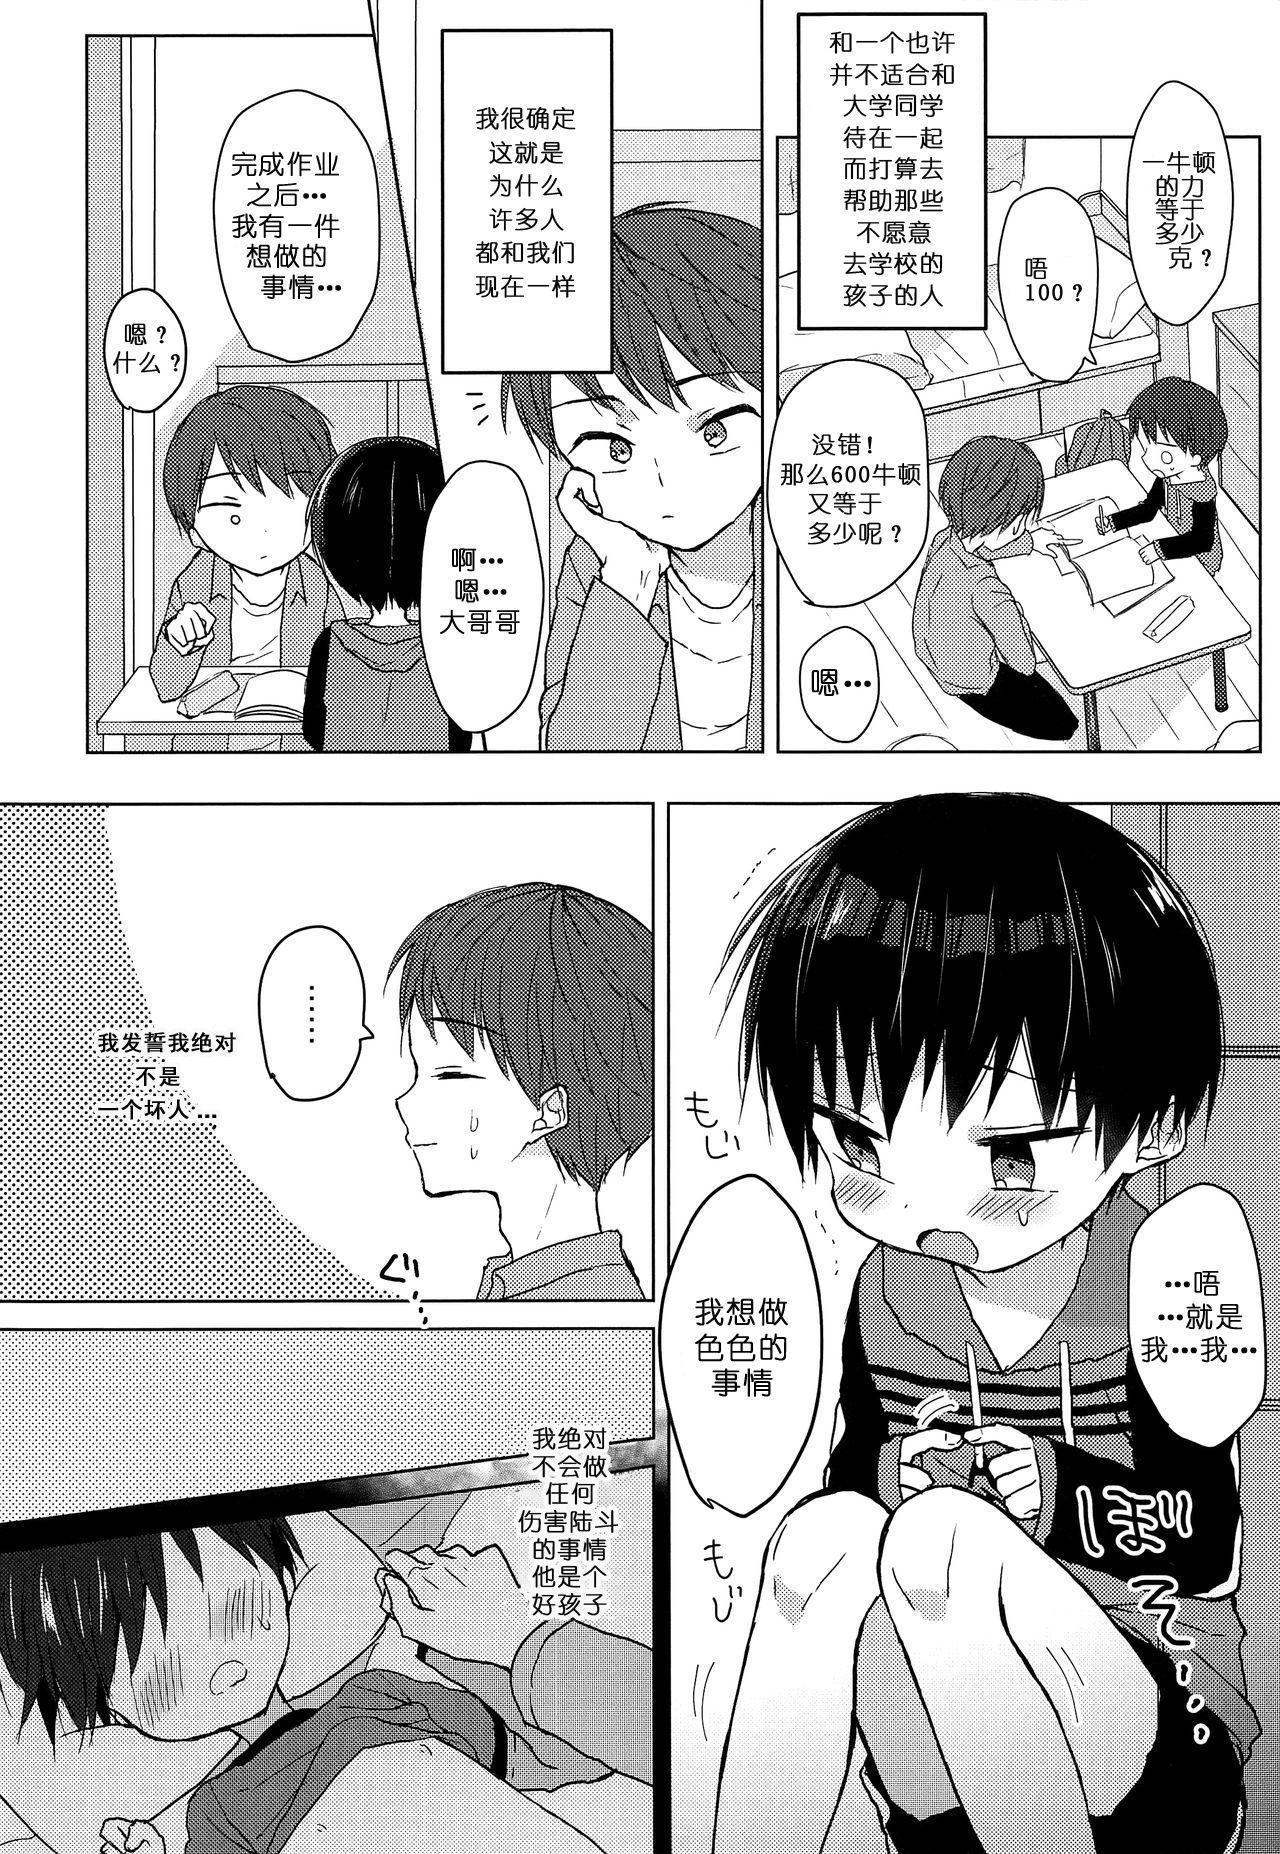 Ashita wa Ikeru kana | 明天能不能做到呢? 3